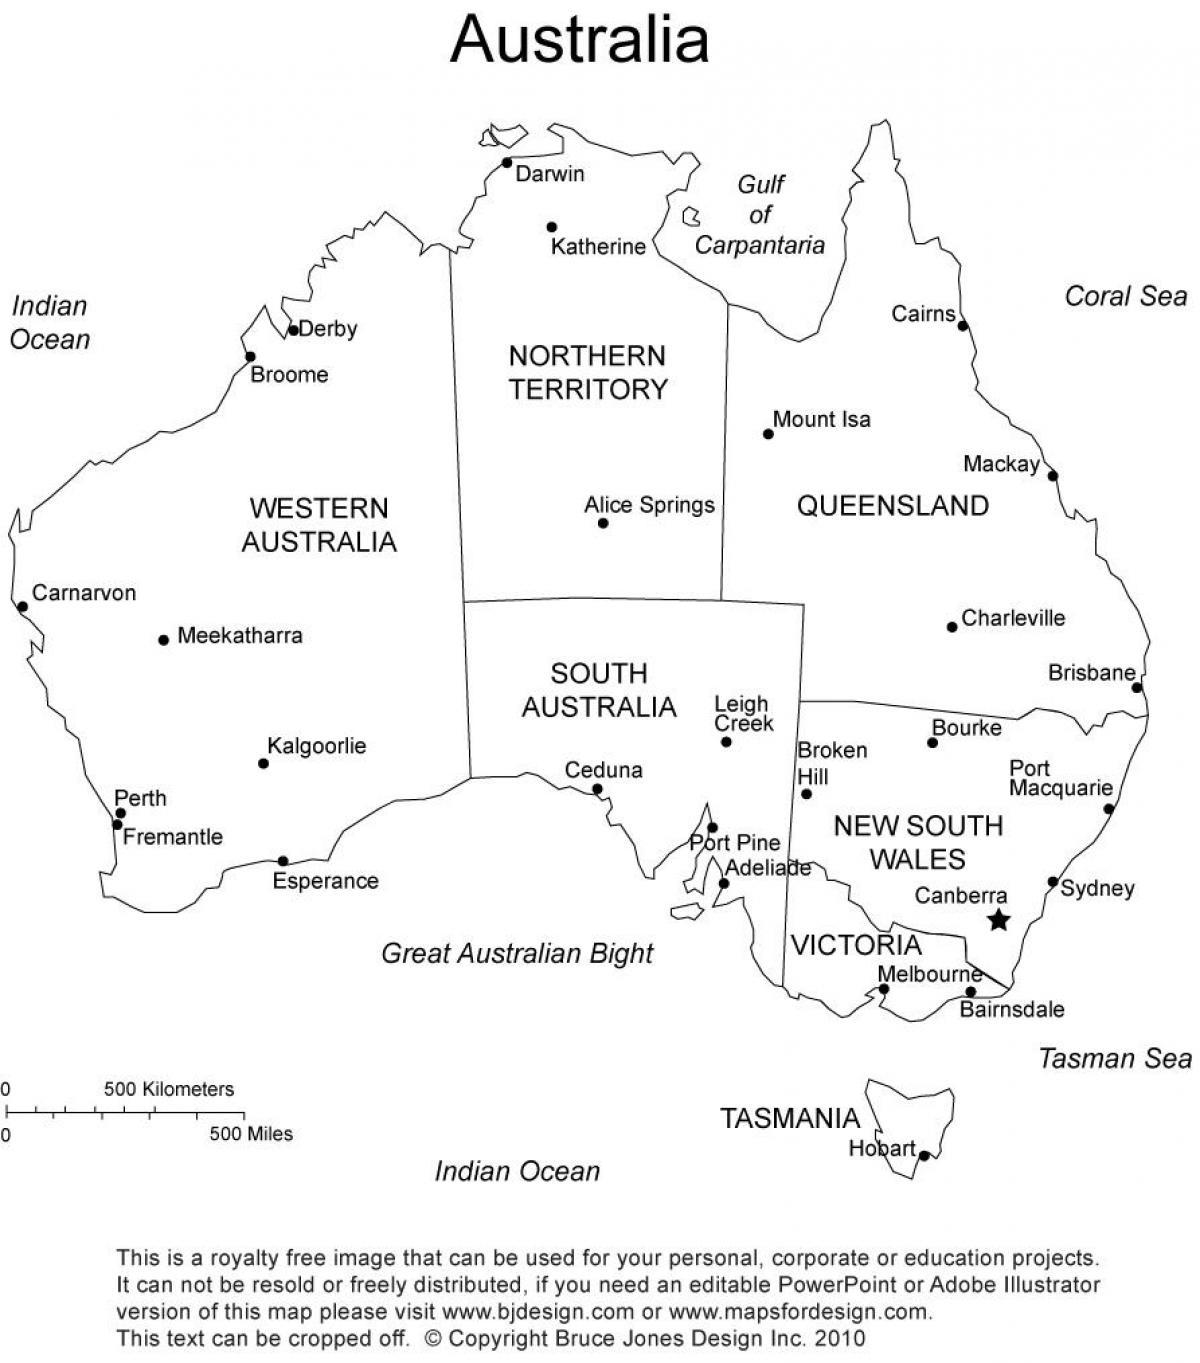 Australia Map Black And White.Australia Black And White Map Map Of Australia Black And White